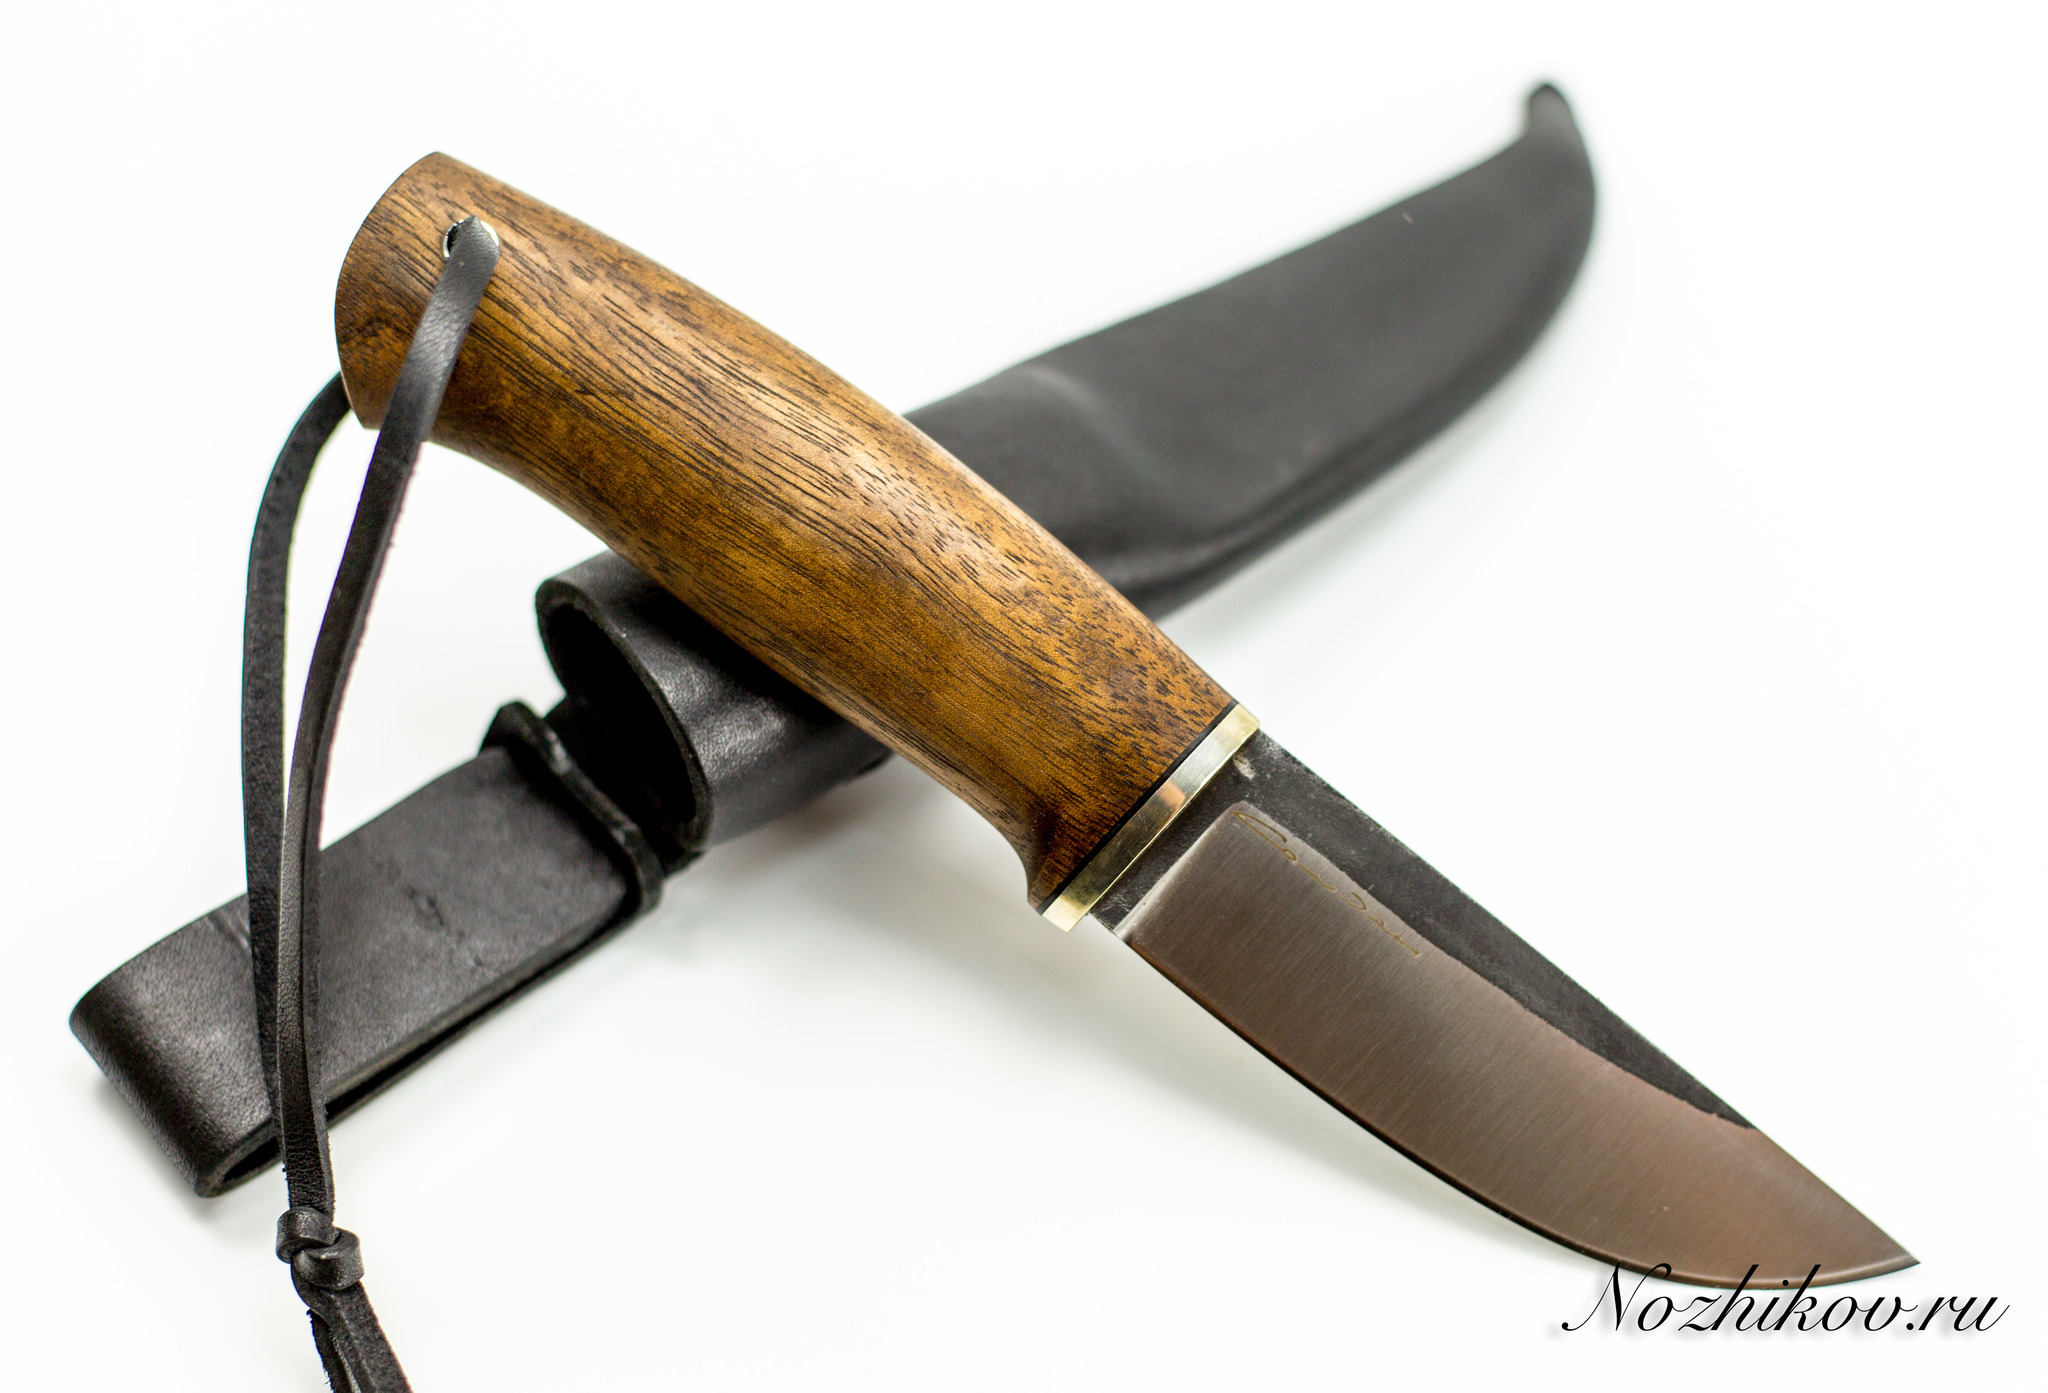 Нож Шмель, сталь N695, орехНожи Староминск<br>Походный нож Шмель, сталь N695, орех - незаменимый в полевых условиях или на даче нож из хромистой нержавейки с хорошей прочностью и коррозийной стойкостью. Благодаря составу он неприхотлив в уходе и подходит для постоянной эксплуатации.<br>Нож Шмель, Sander оснащен объемной рукоятью, сделанной из древесины ореха. Она имеет оригинальный узор и отличается высокой плотностью. Благодаря минимальной склонности к растрескиванию, ручка не деформируется при сильной нагрузке на клинок. Металлический больстер дополнительно защищает ее от излома. Для удобного ношения ножа в отверстие на рукоятке вставлен шнурок.<br>Российский туристический нож Шмель, Сандер комплектуется кожаным чехлом.<br>